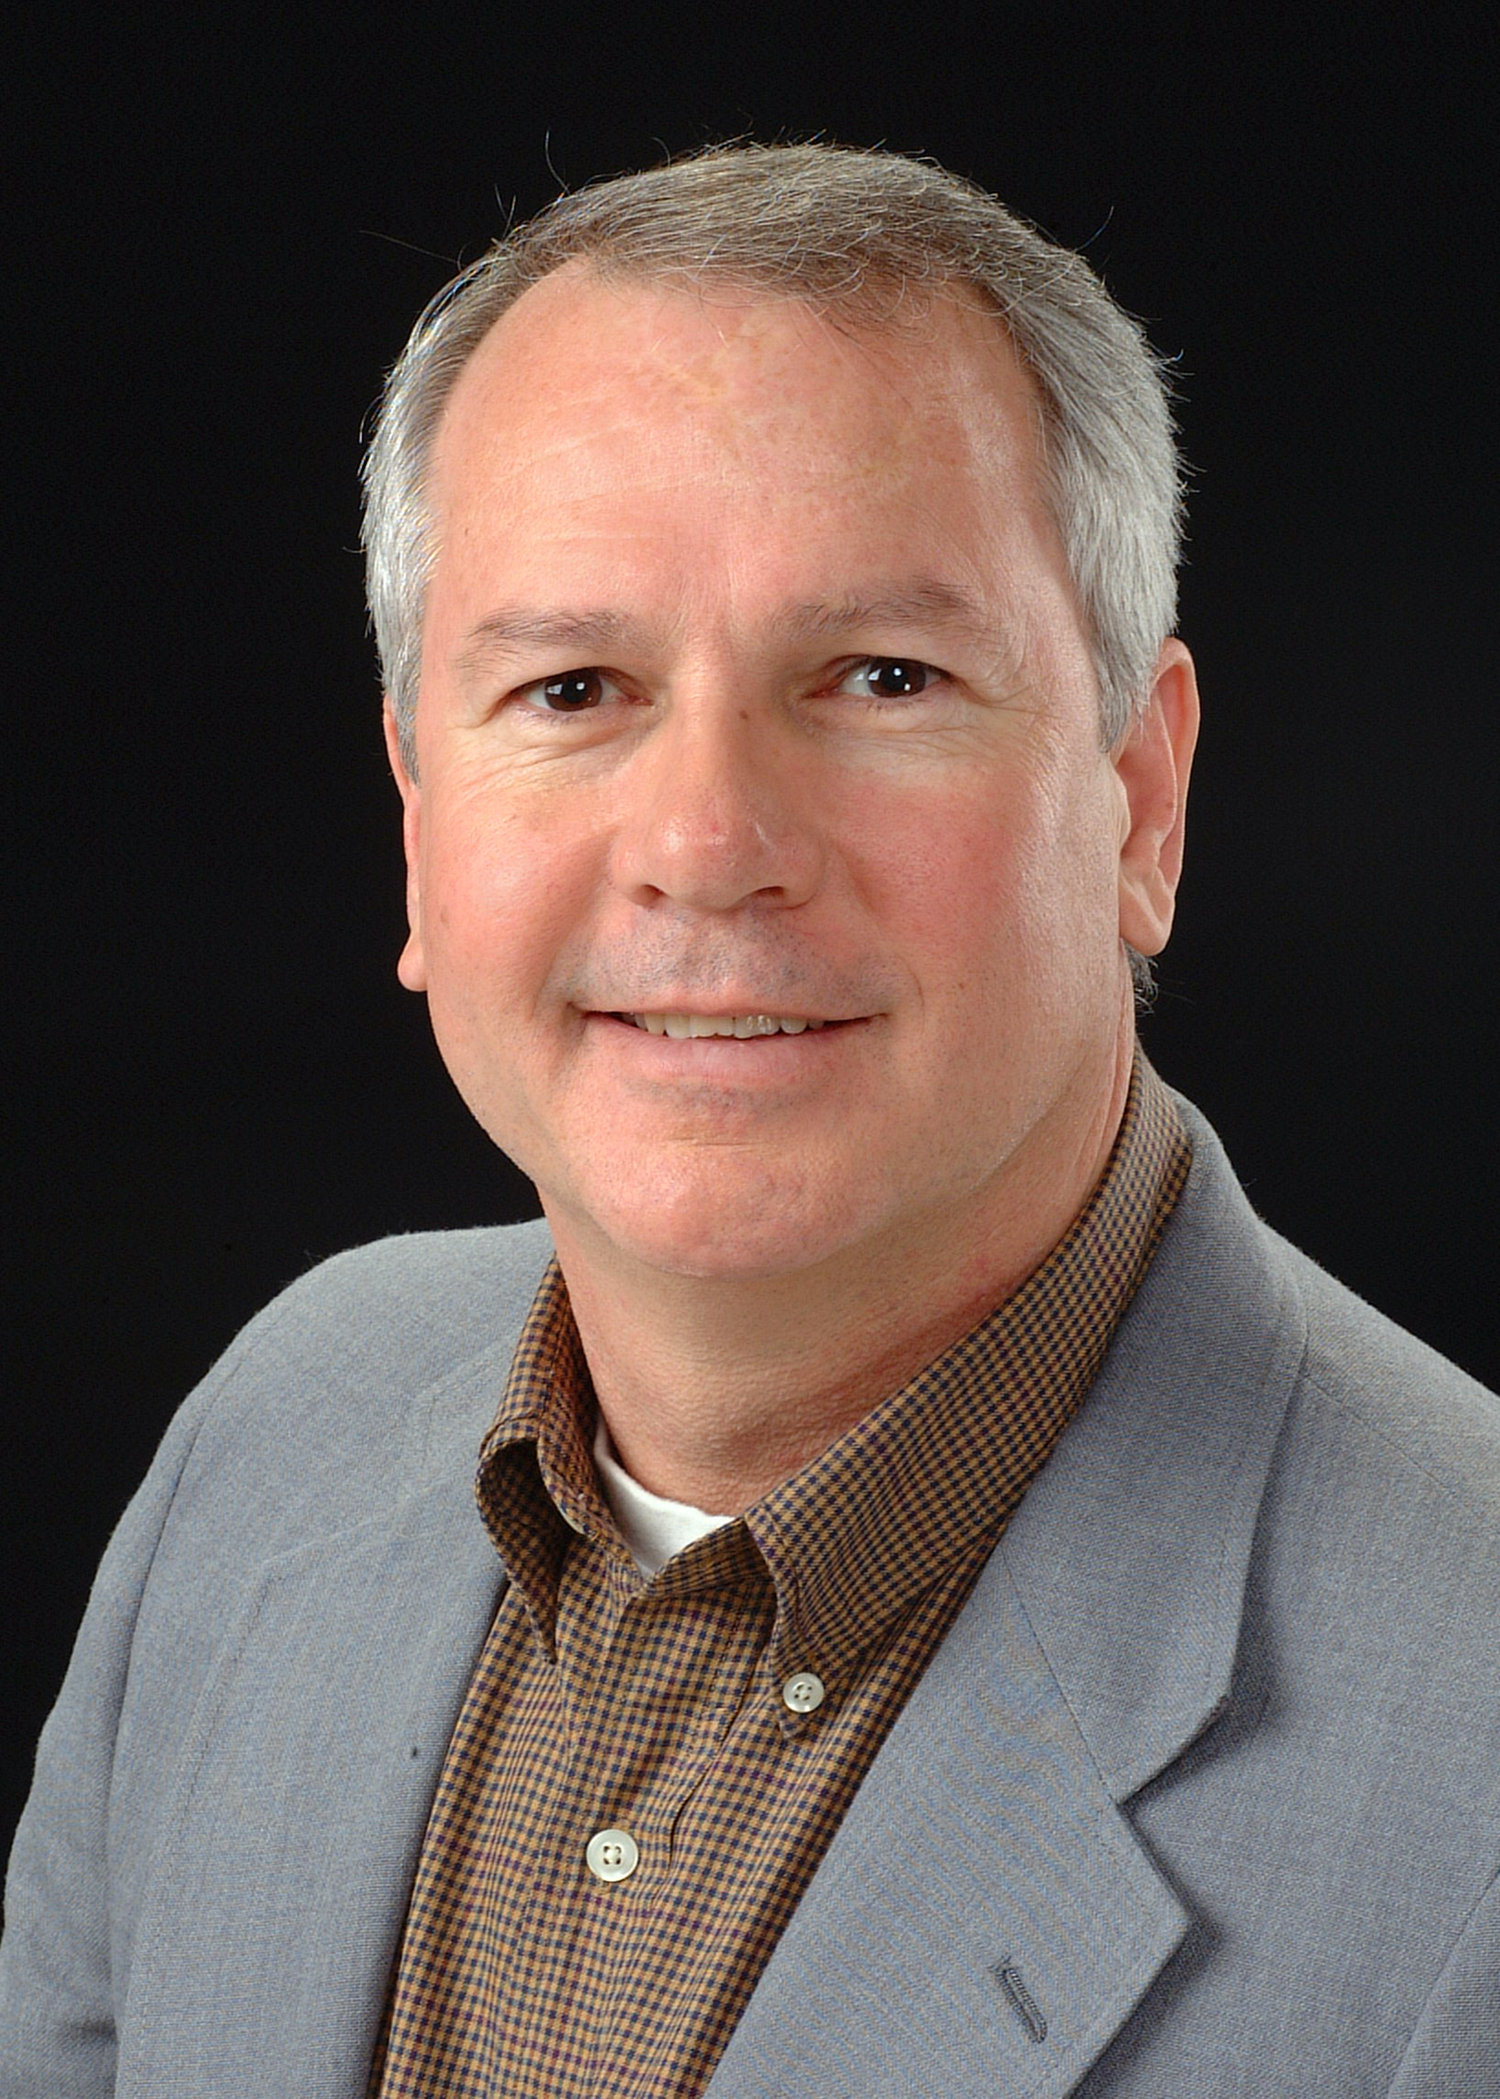 Joe Durant